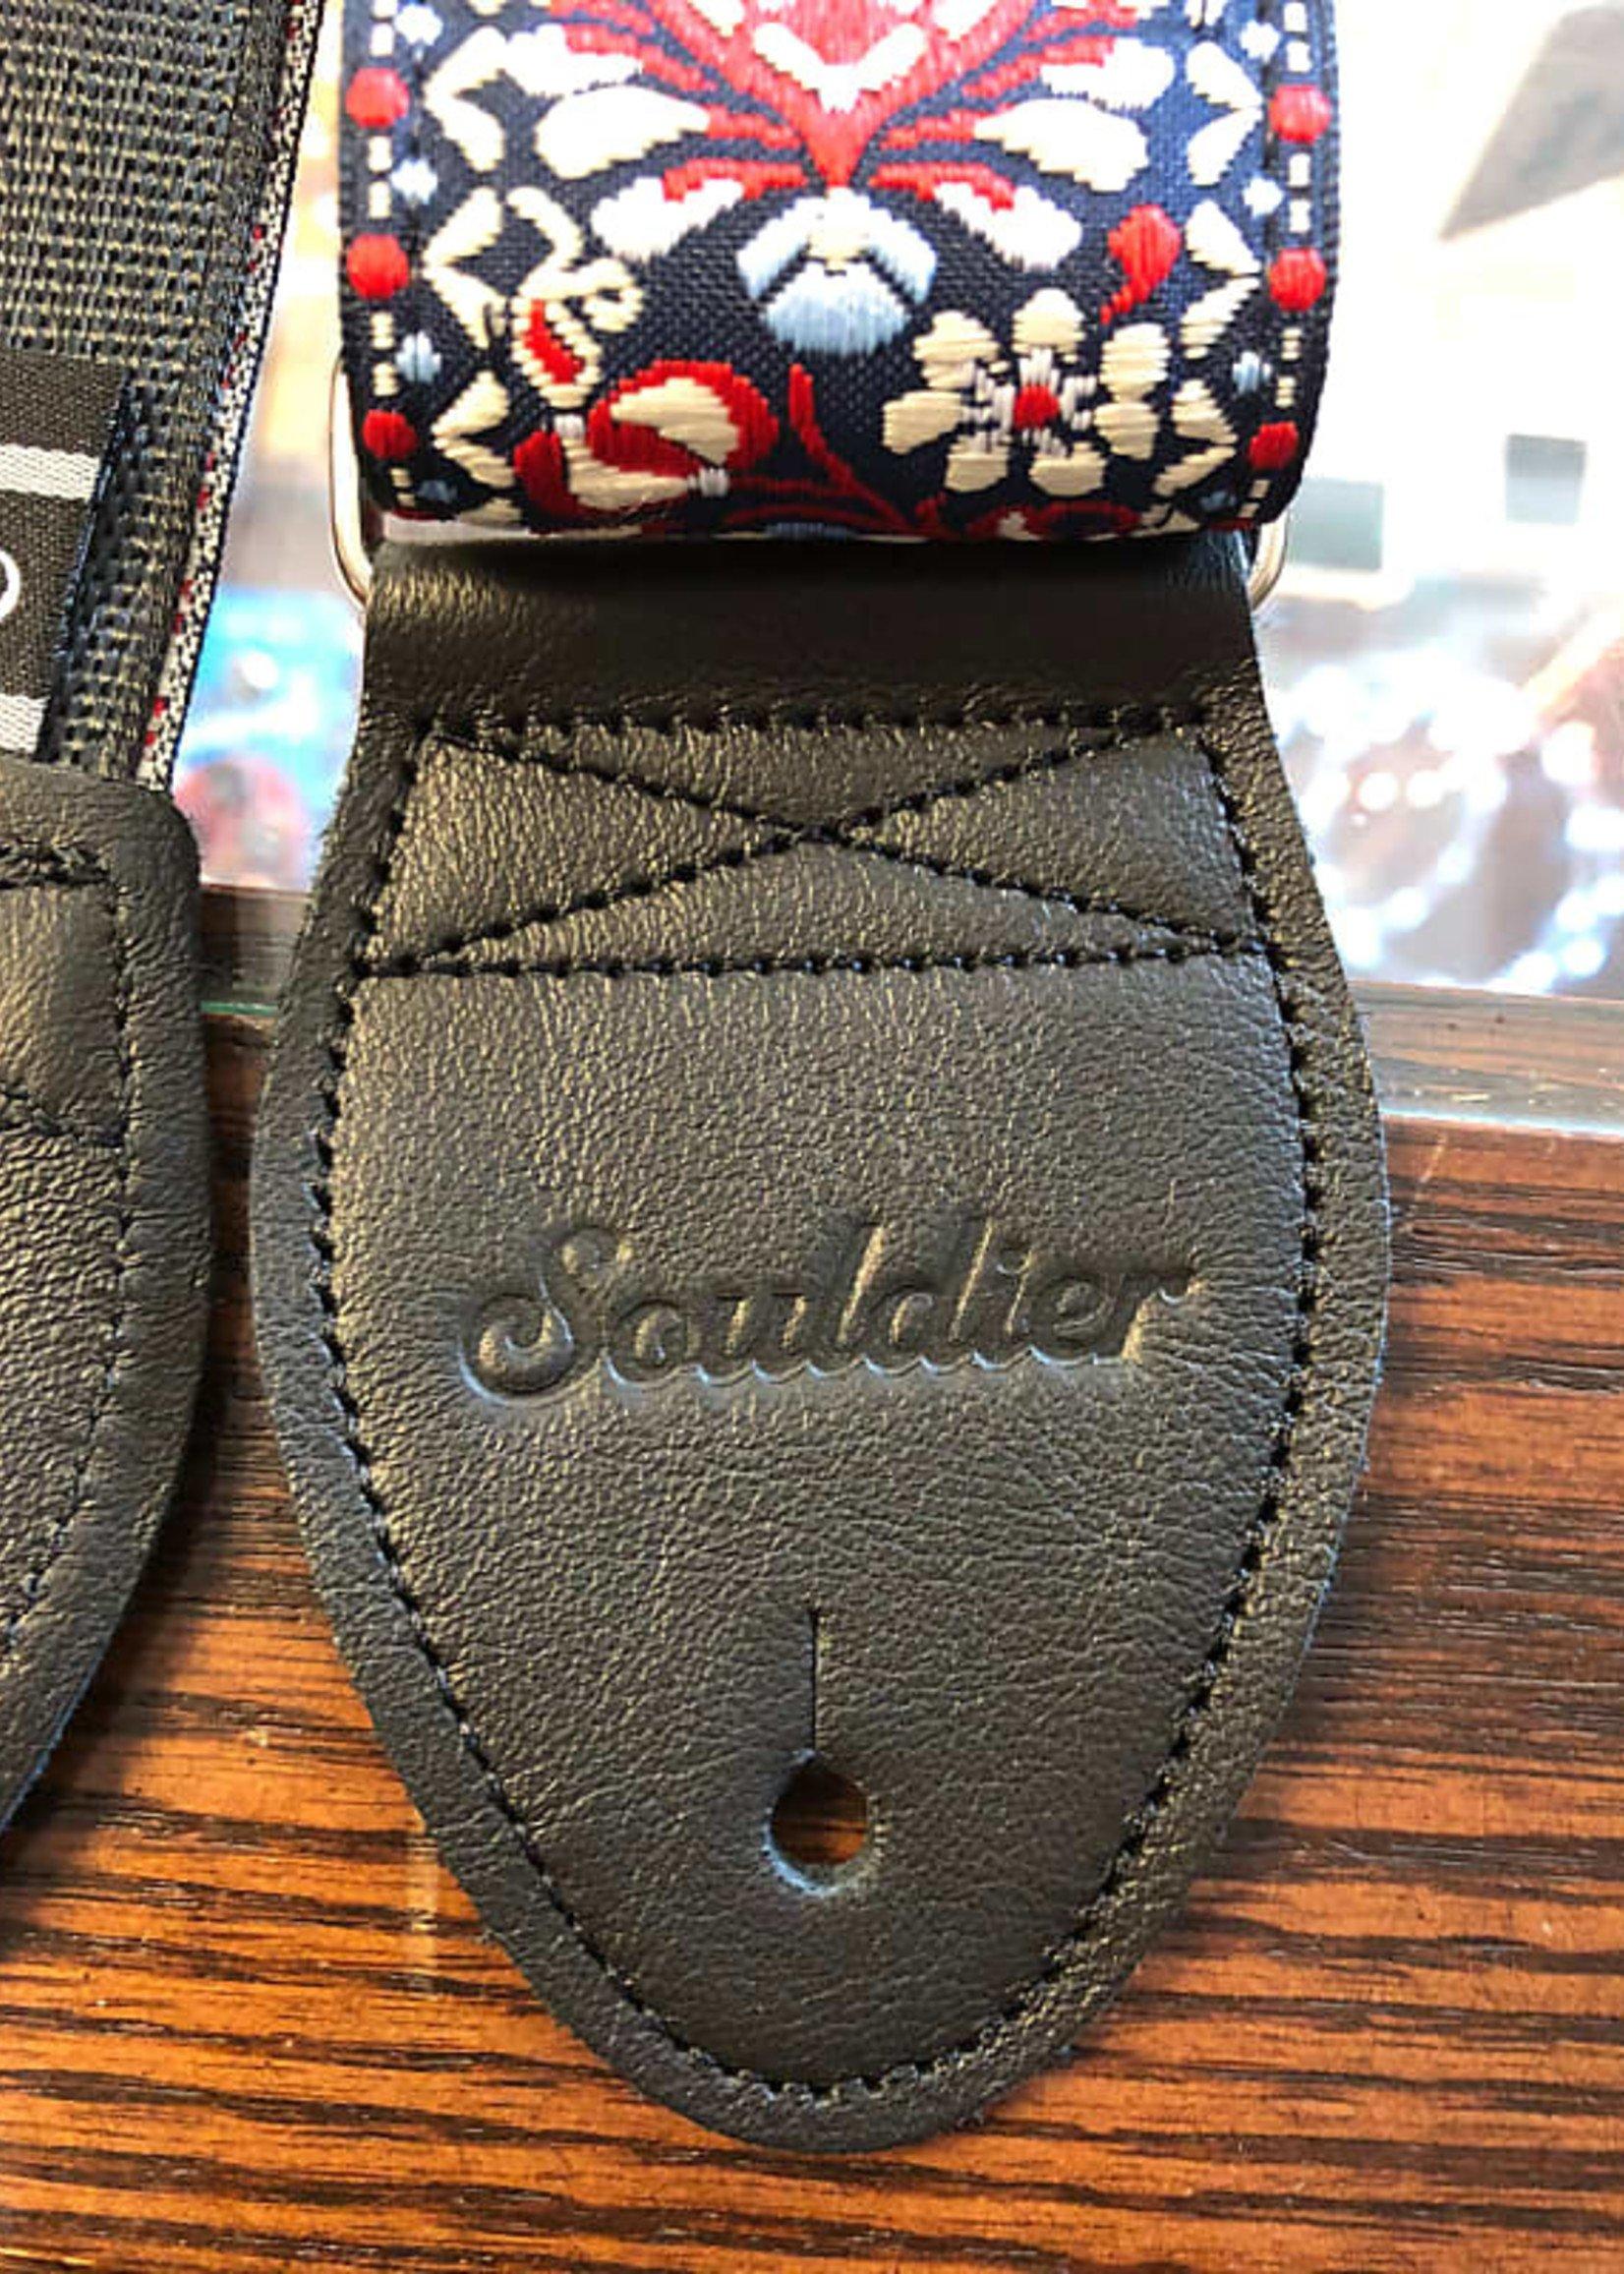 Souldier Souldier Hendrix Black